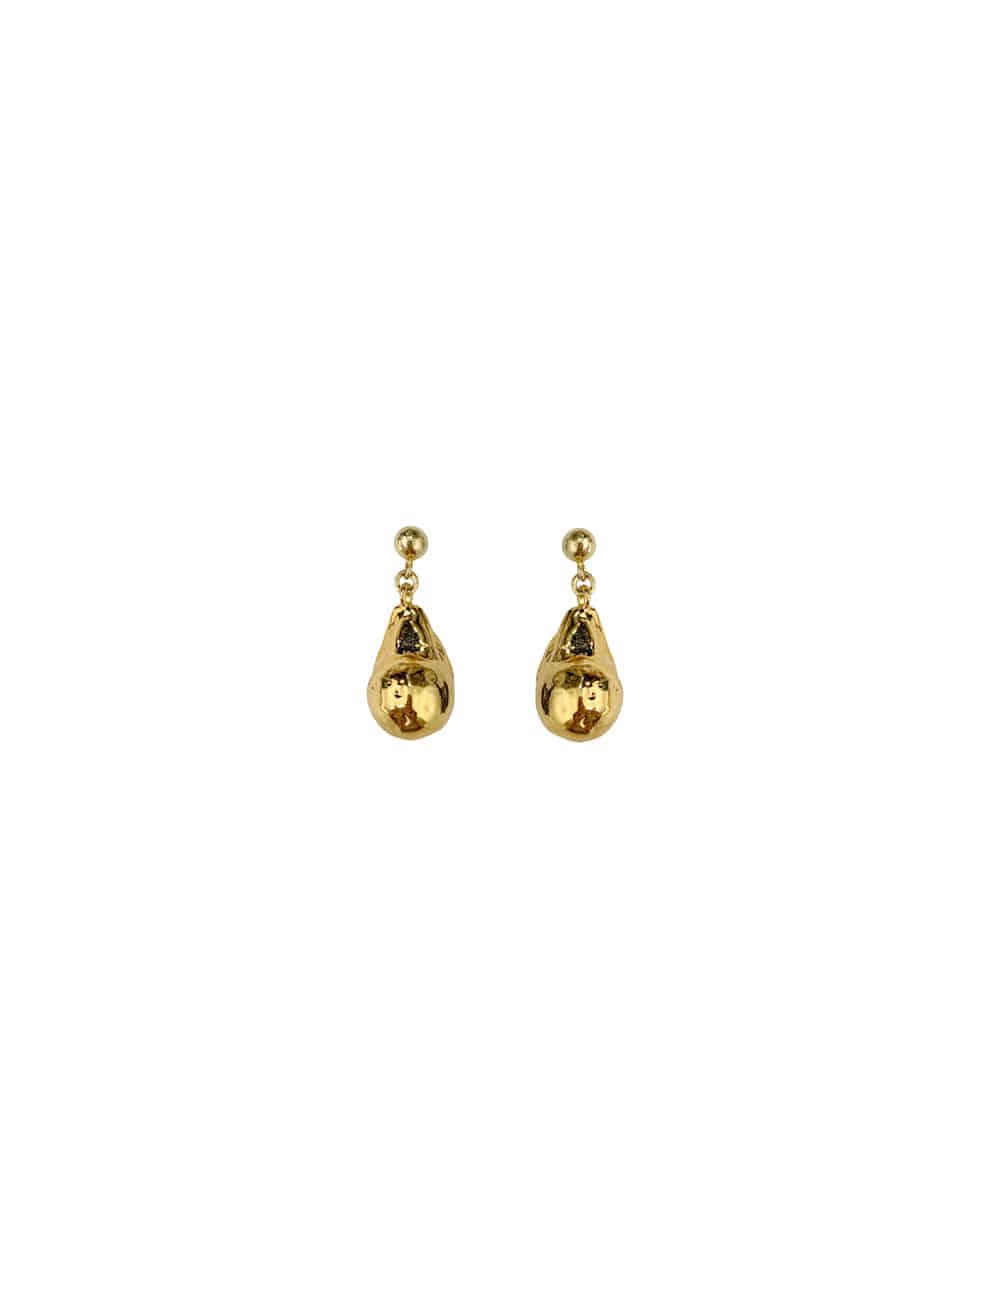 [이성경 착용] Kate Gold Baroque Earrings _ 빈티지 골드 바로크 귀걸이 라비쉬에